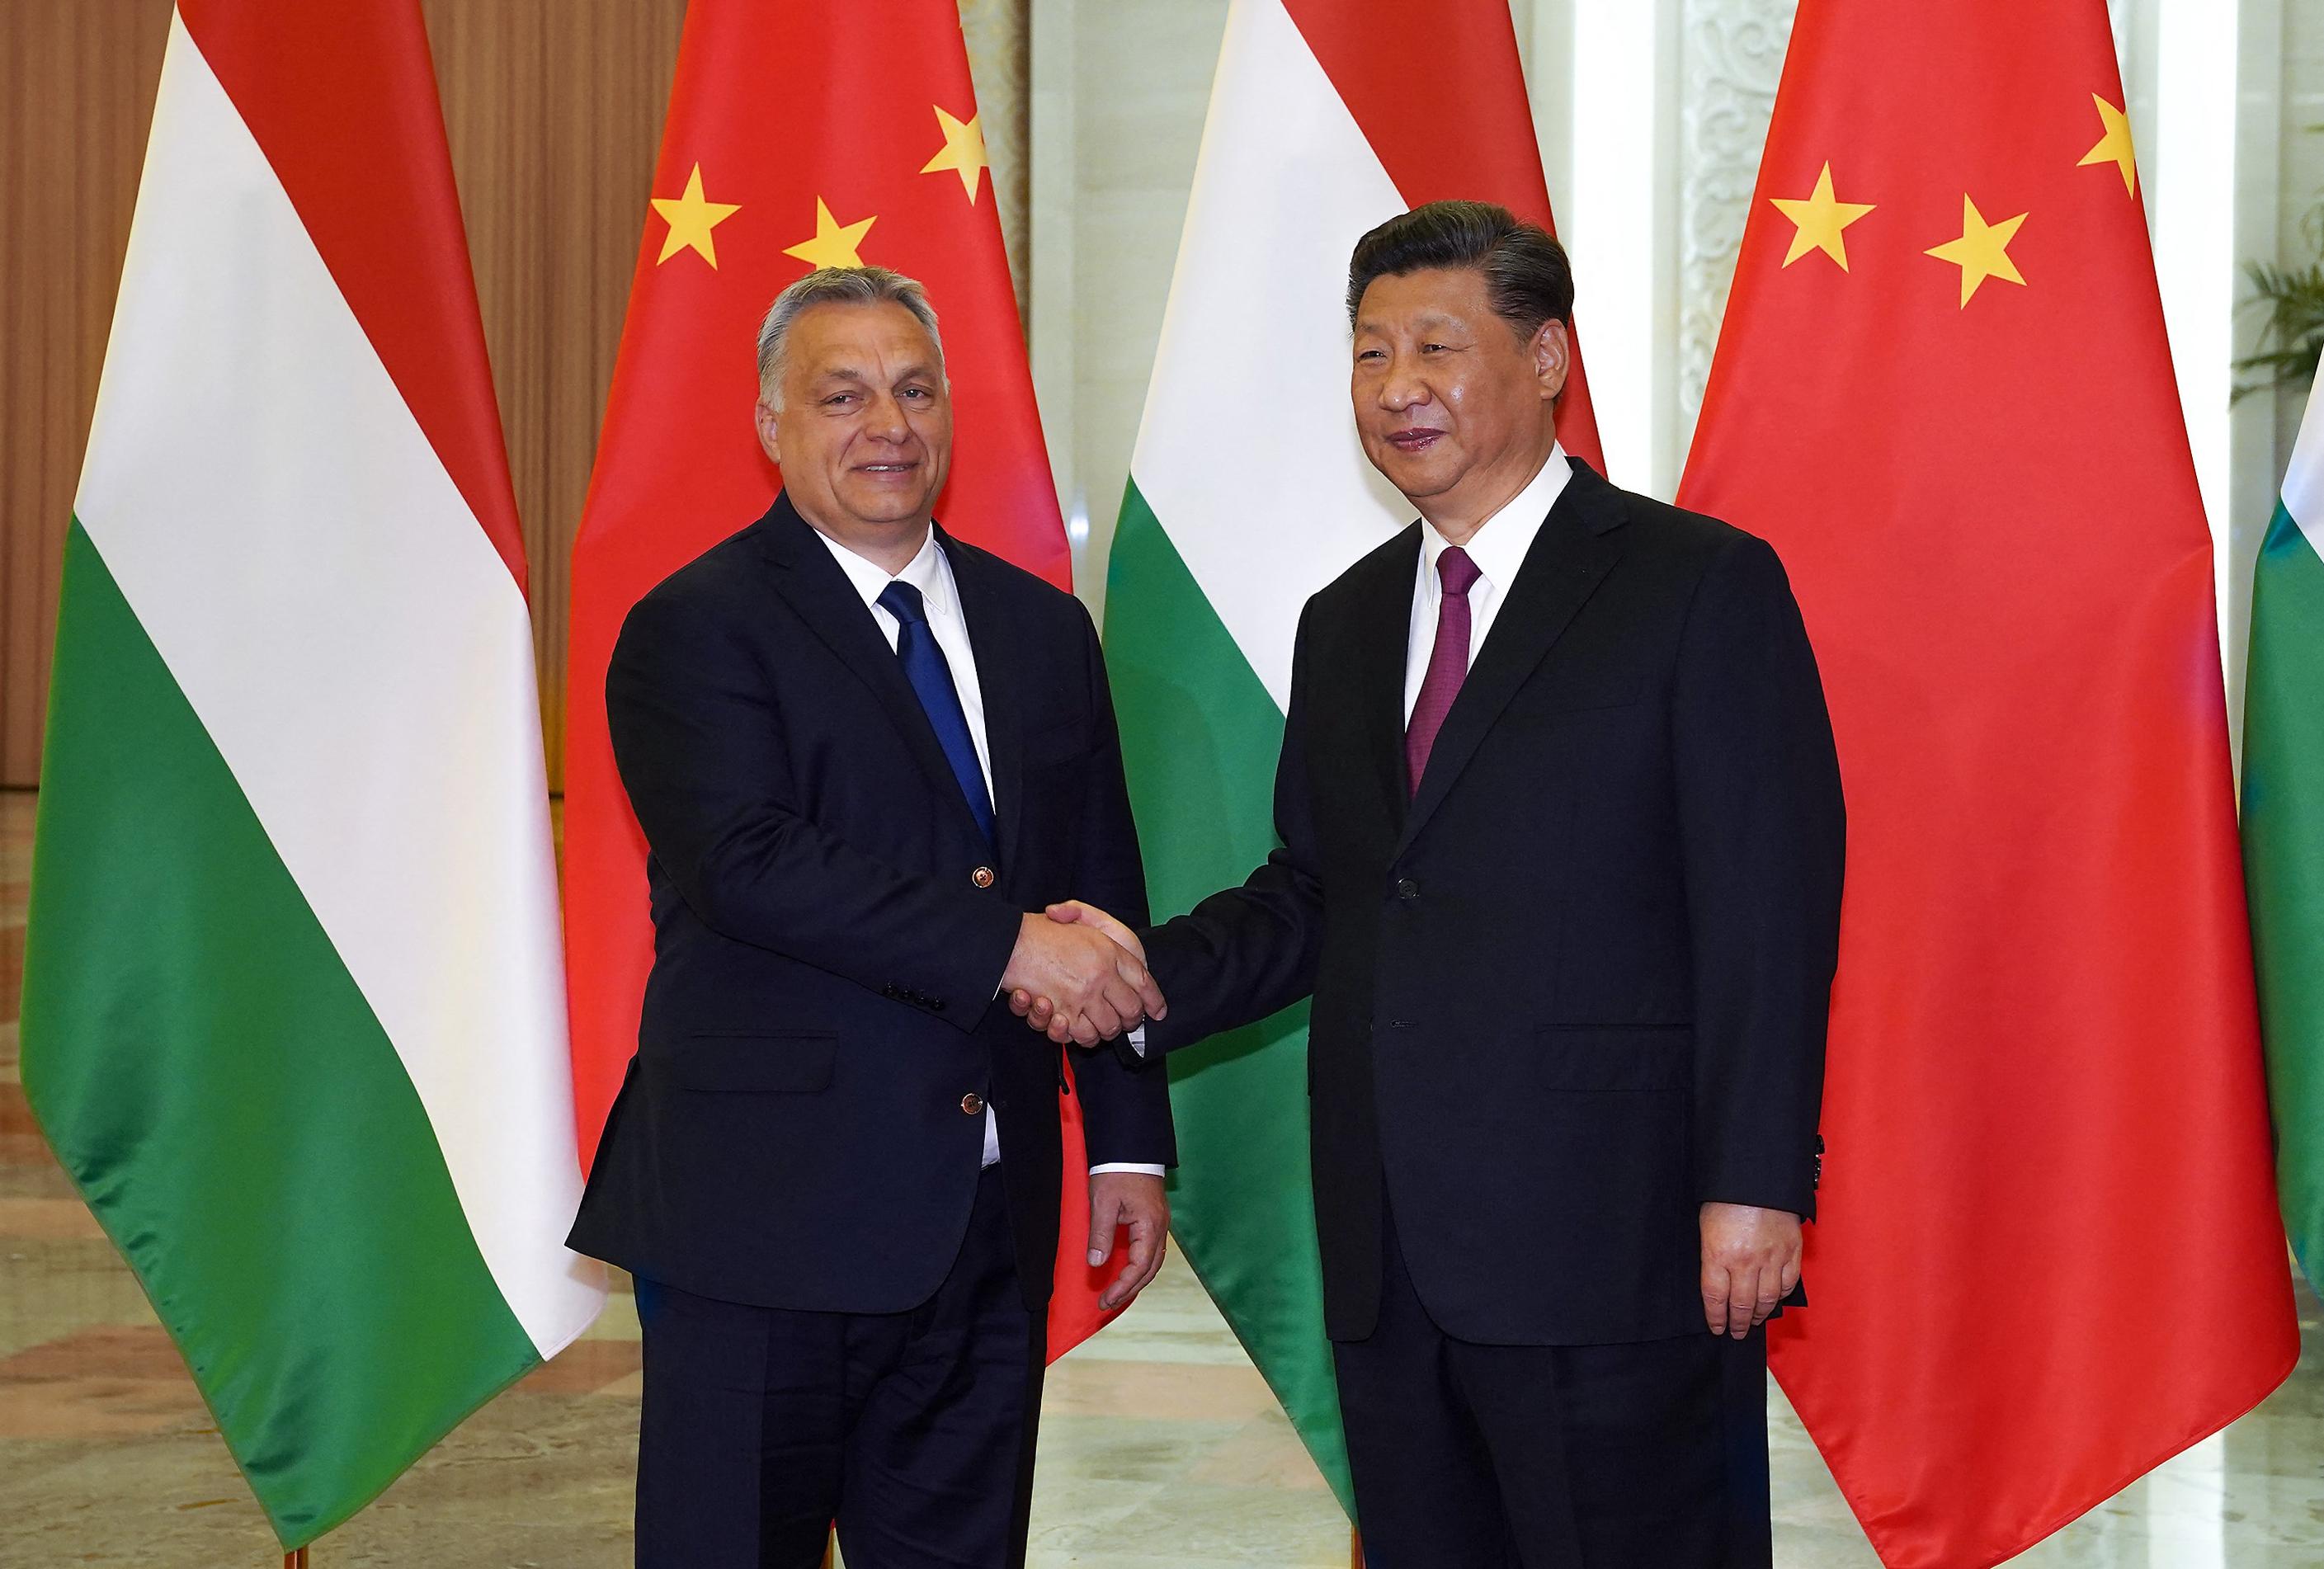 A Le Monde úgy látja, Kína kísértésbe viszi Orbán Viktort